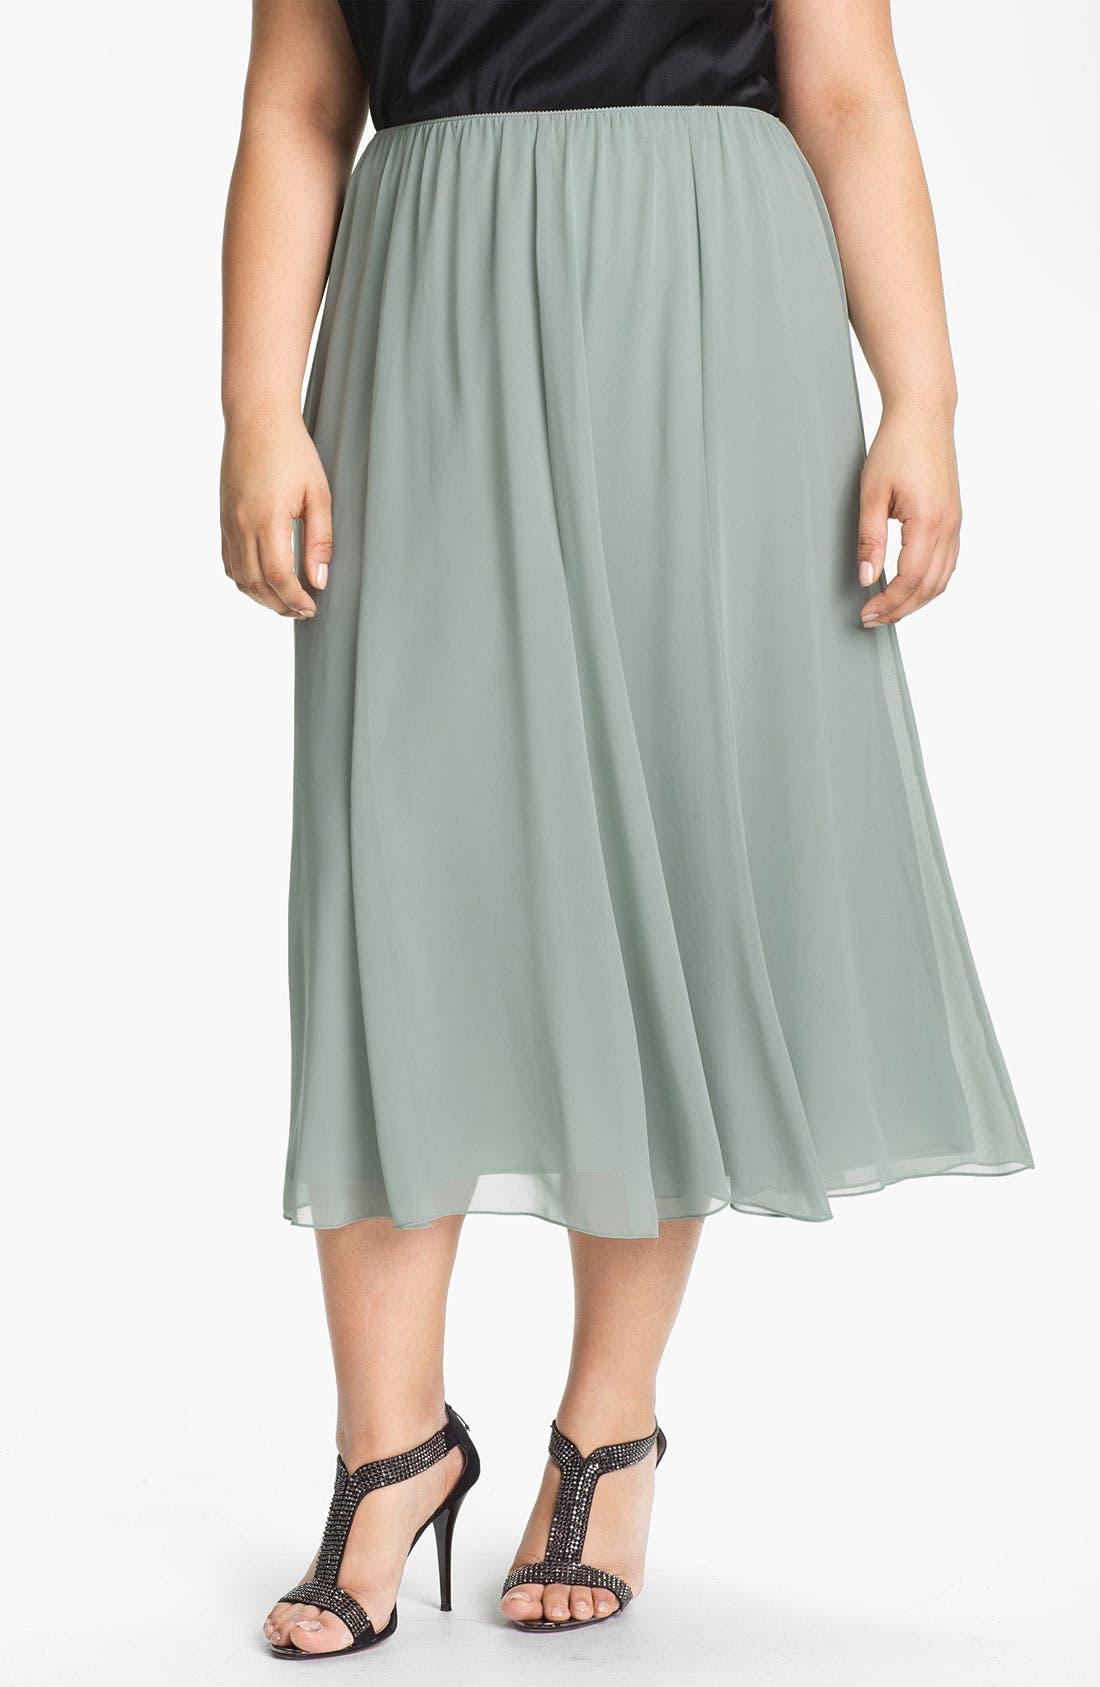 Main Image - Alex Evenings Chiffon Skirt (Plus Size)